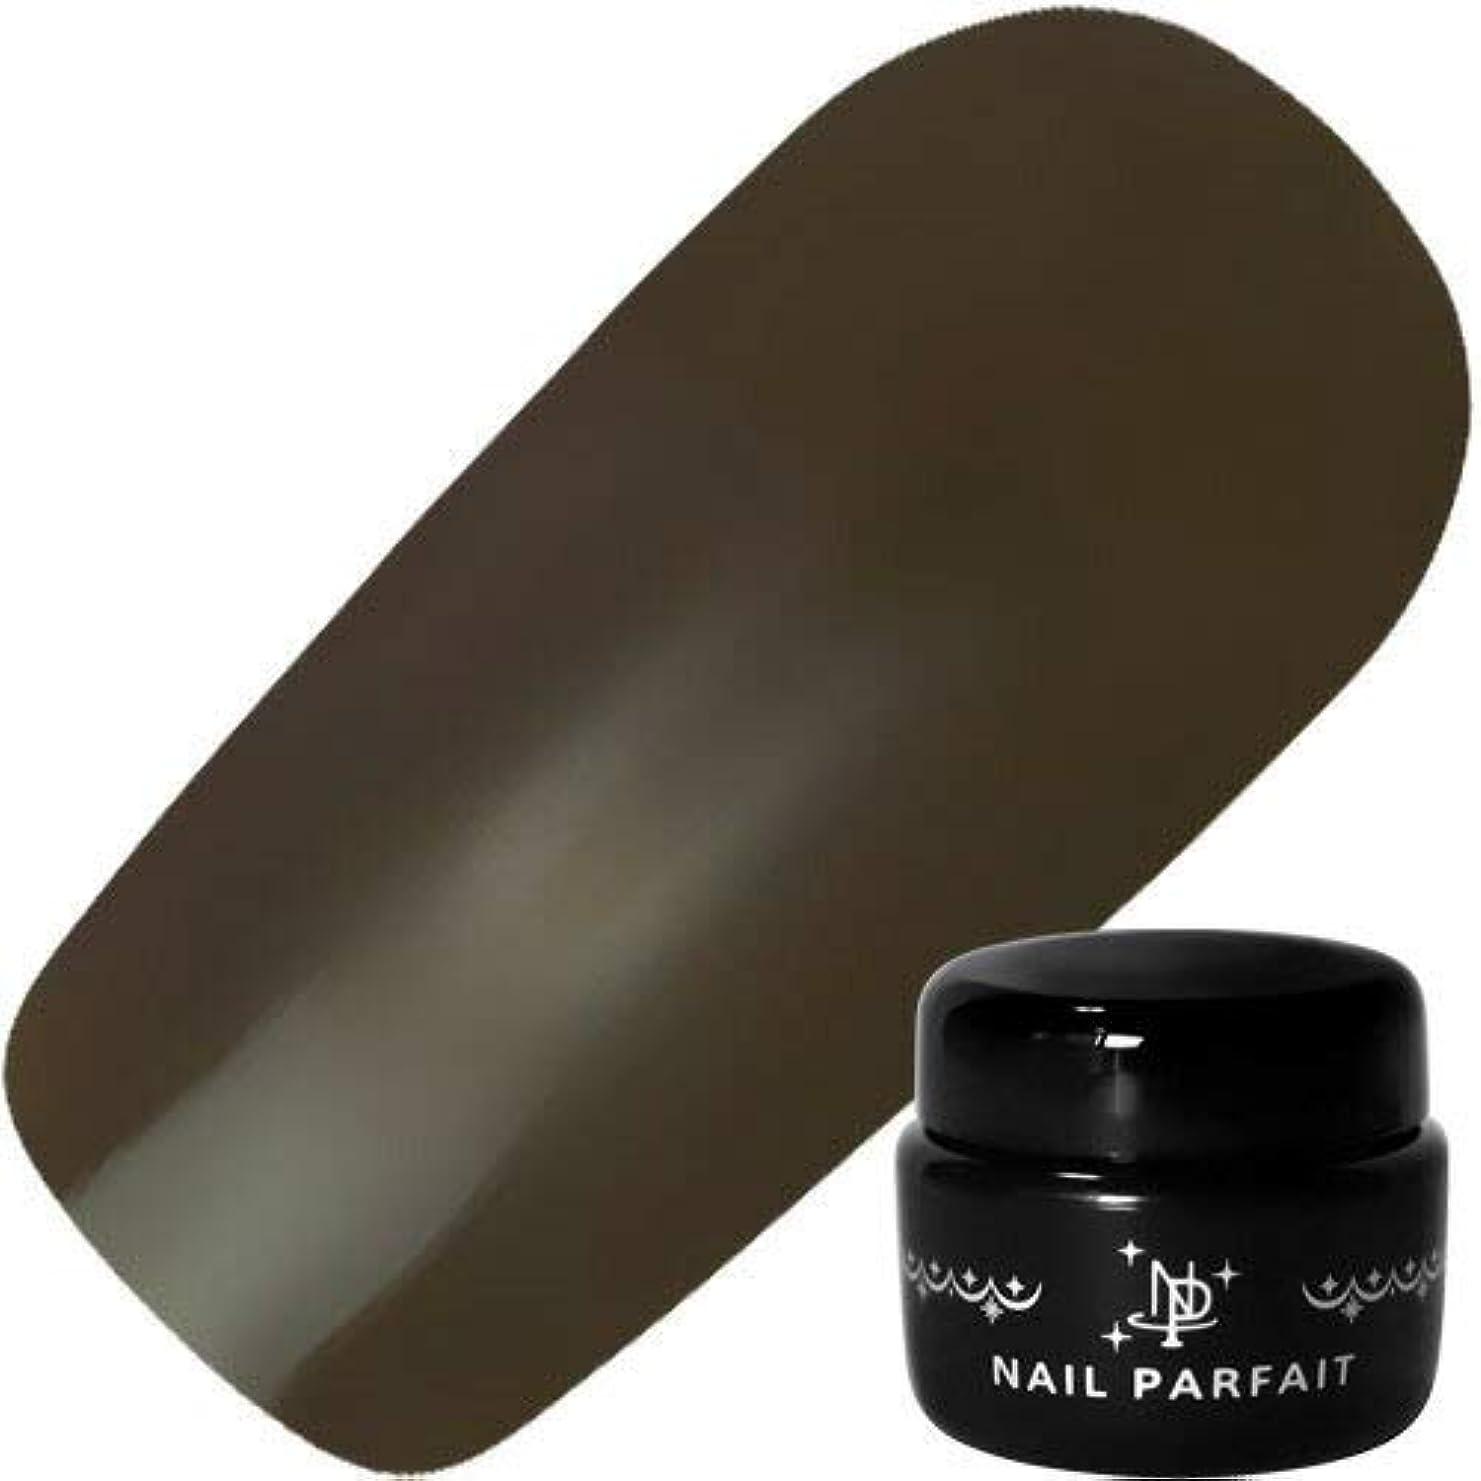 困惑する困惑するレイアウトNAIL PARFAIT ネイルパフェ カラージェル T02 トールブラウン 2g 【ジェル/カラージェル?ネイル用品】